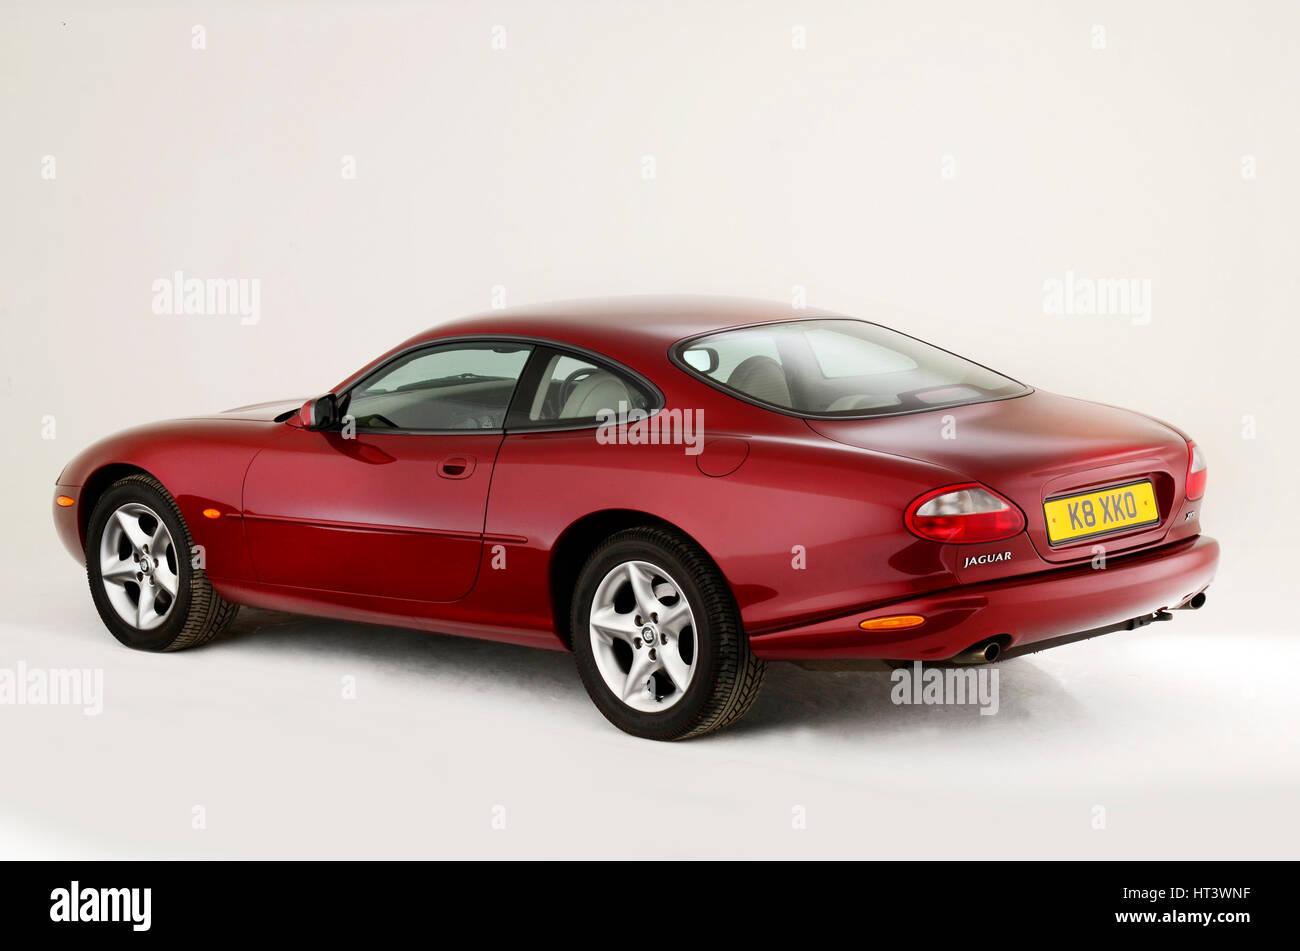 1999 Jaguar XK8 coupe Artist: Unknown. Stock Photo